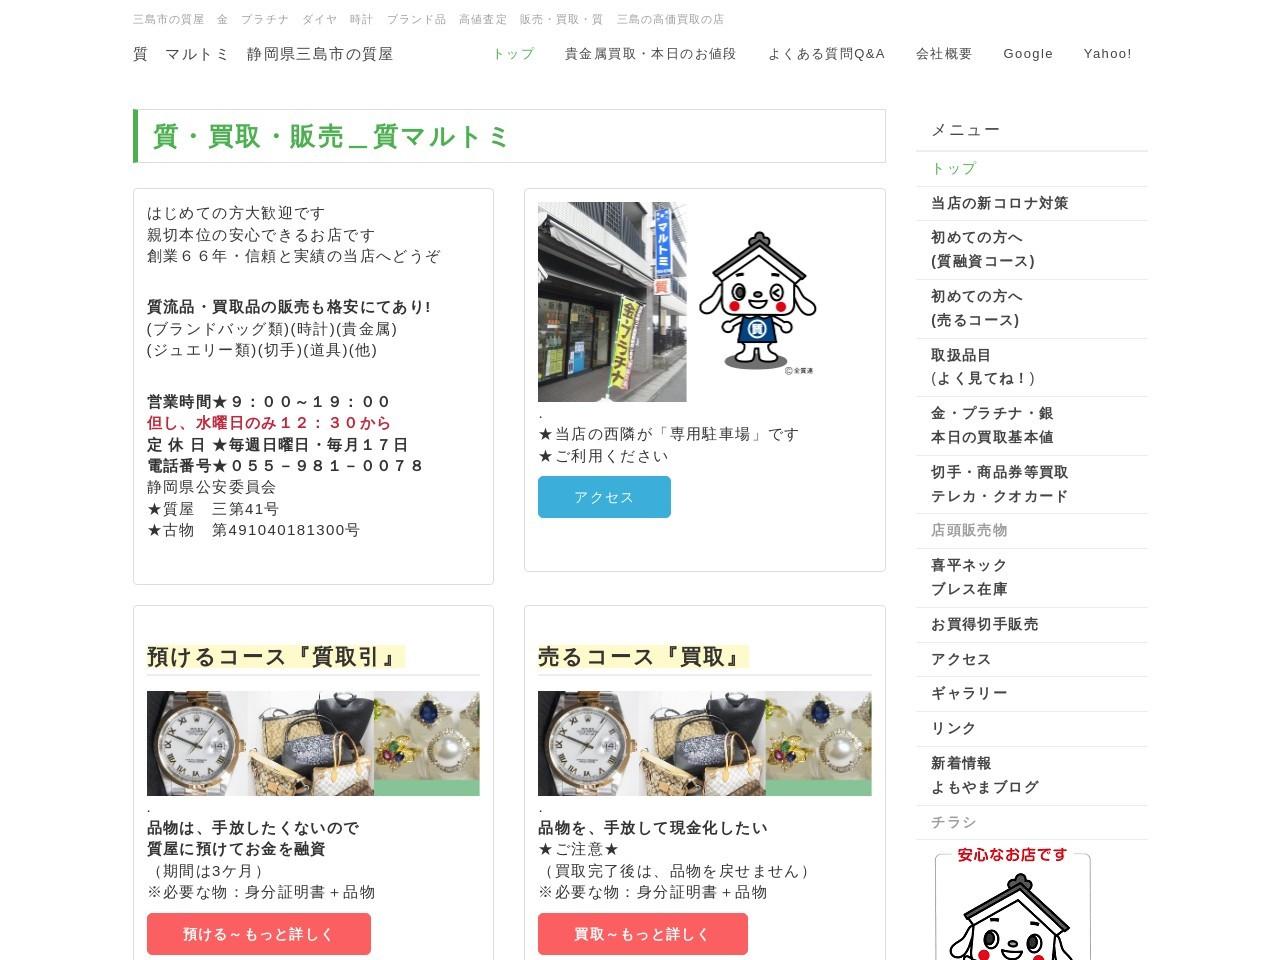 質マルトミ 【三島の質屋】 金・プラチナ・ダイヤ・切手など質・高価買取の店